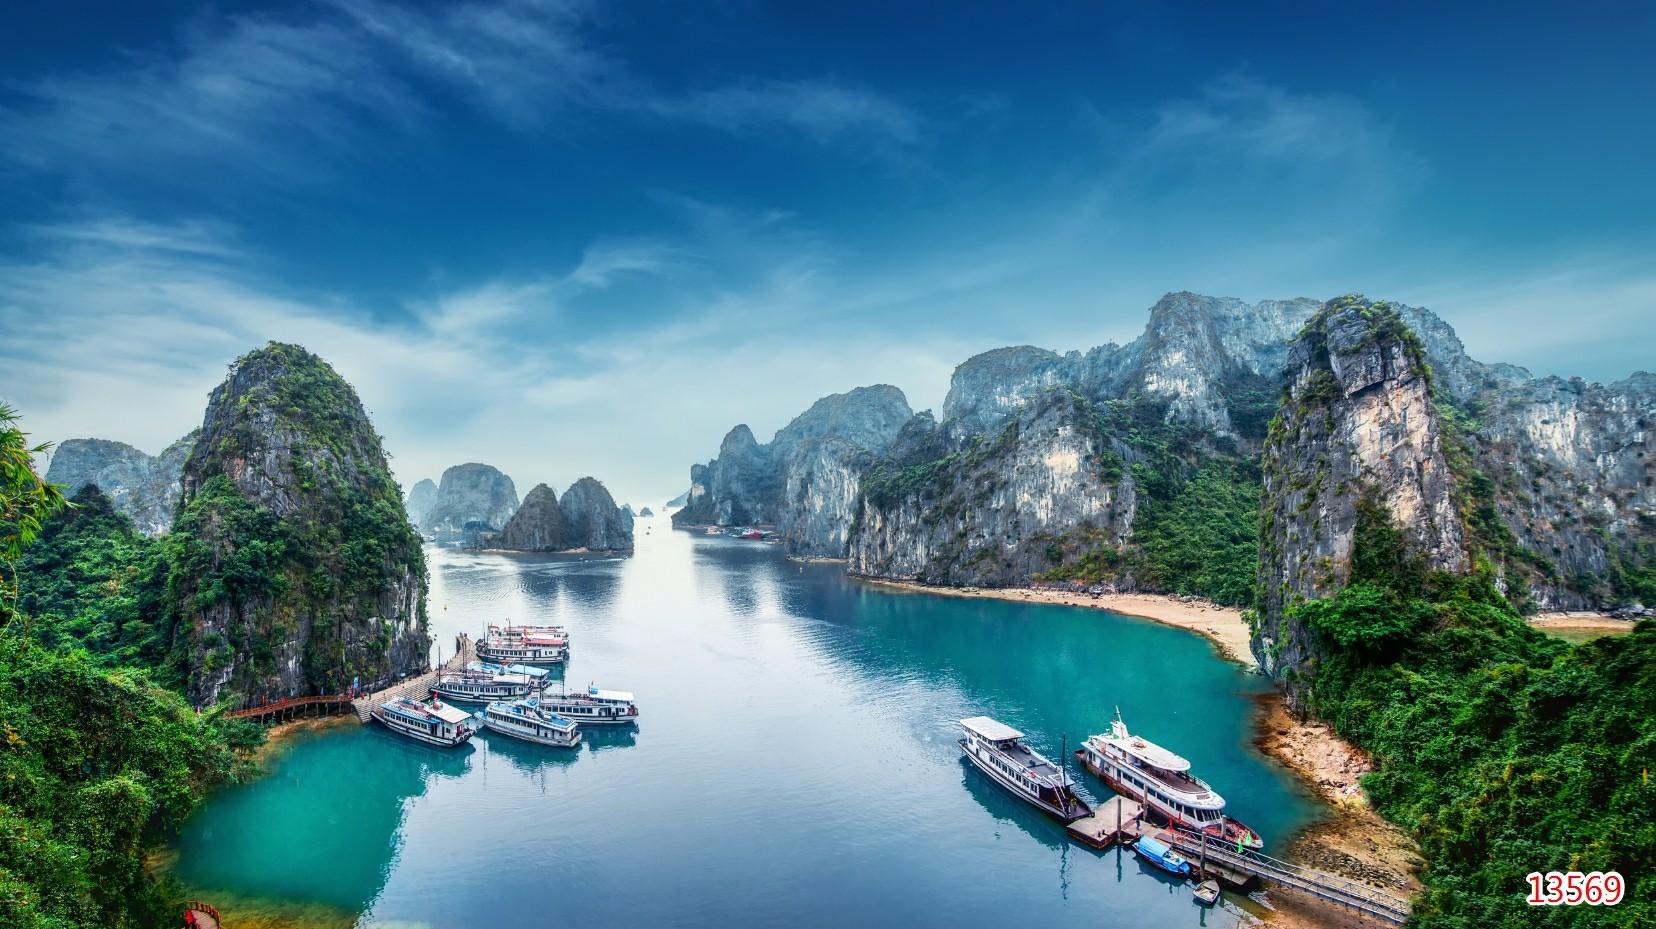 Tranh Phong Cảnh Biển - 13569